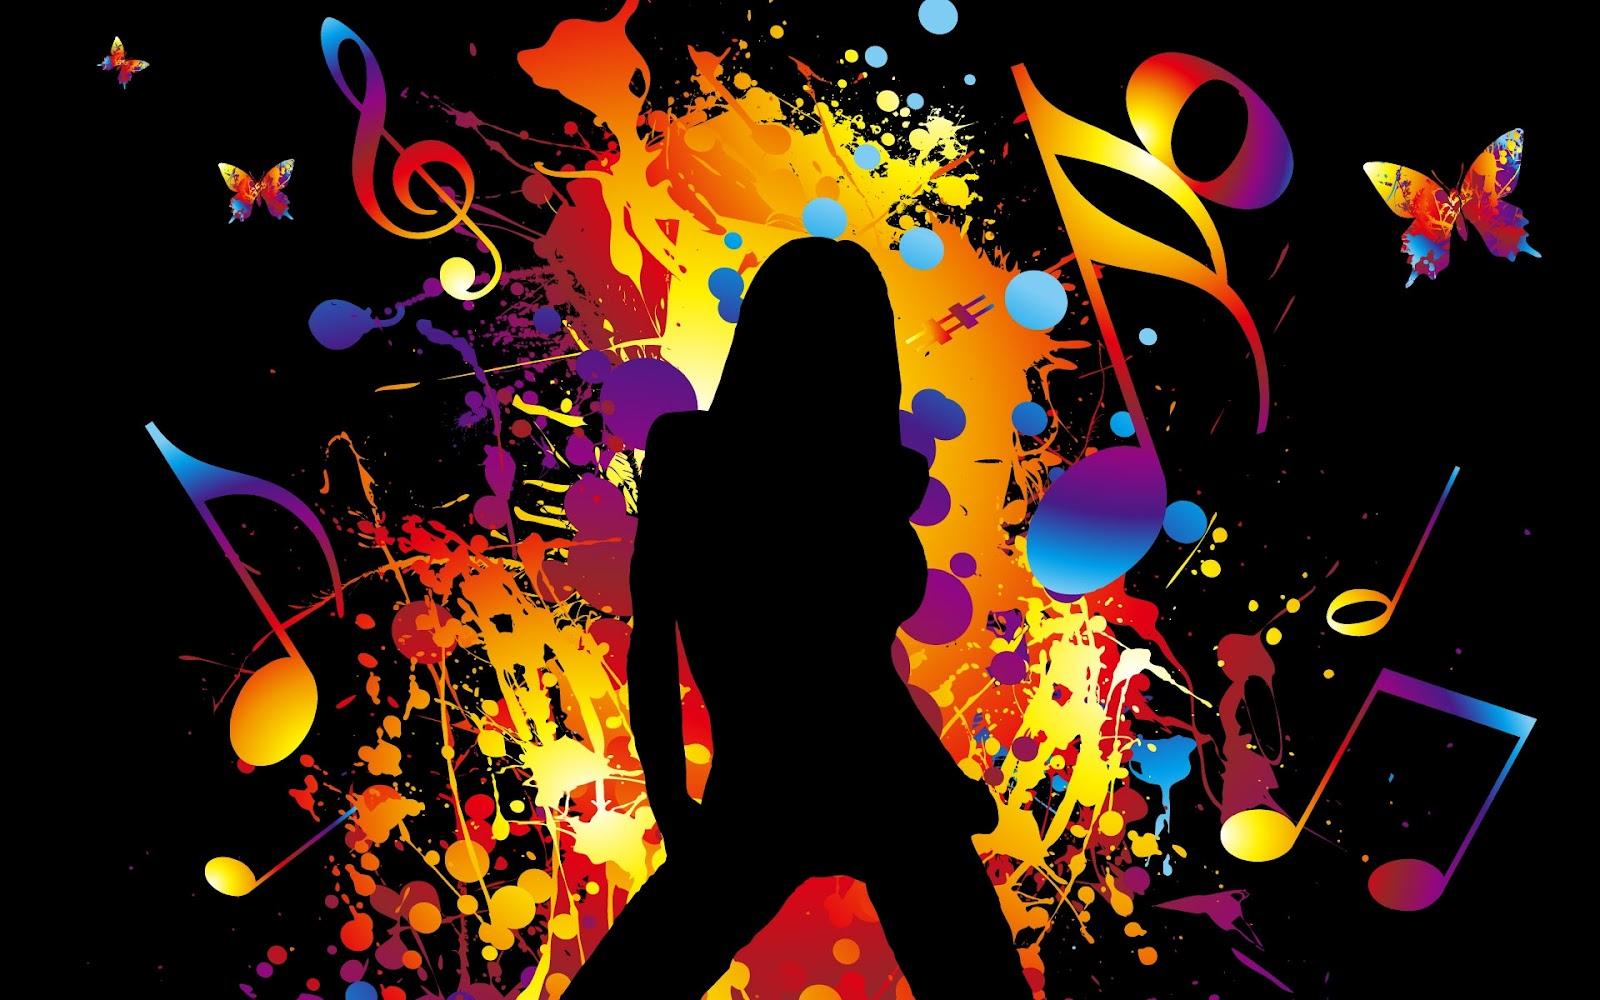 http://1.bp.blogspot.com/-j3FoXmrdwIg/UEHbtvEo4SI/AAAAAAAAEiI/RXGarXnk7tU/s1600/dancing-girl-3-1200.jpg